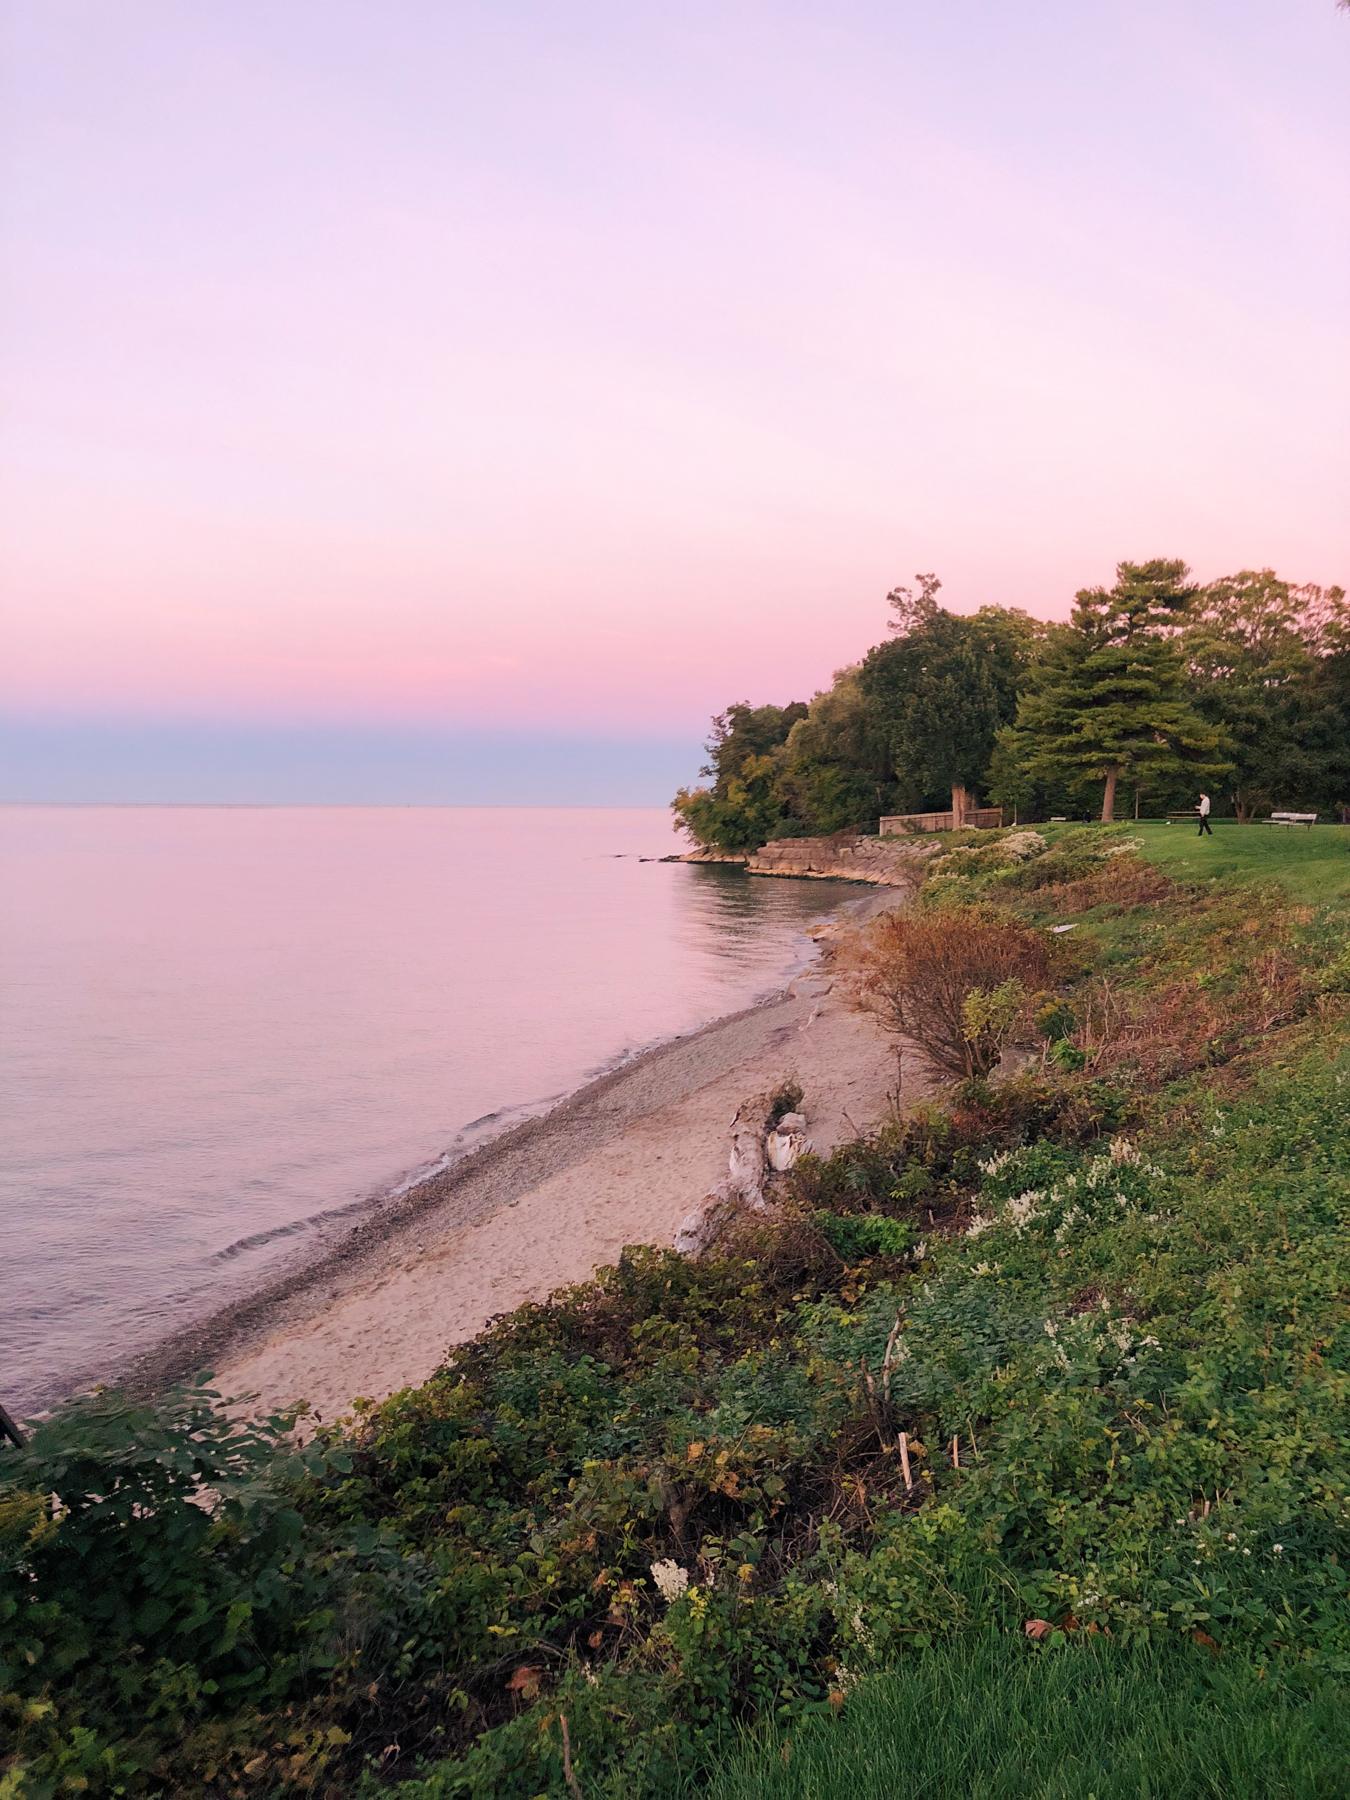 Sunset view of Lake Ontario